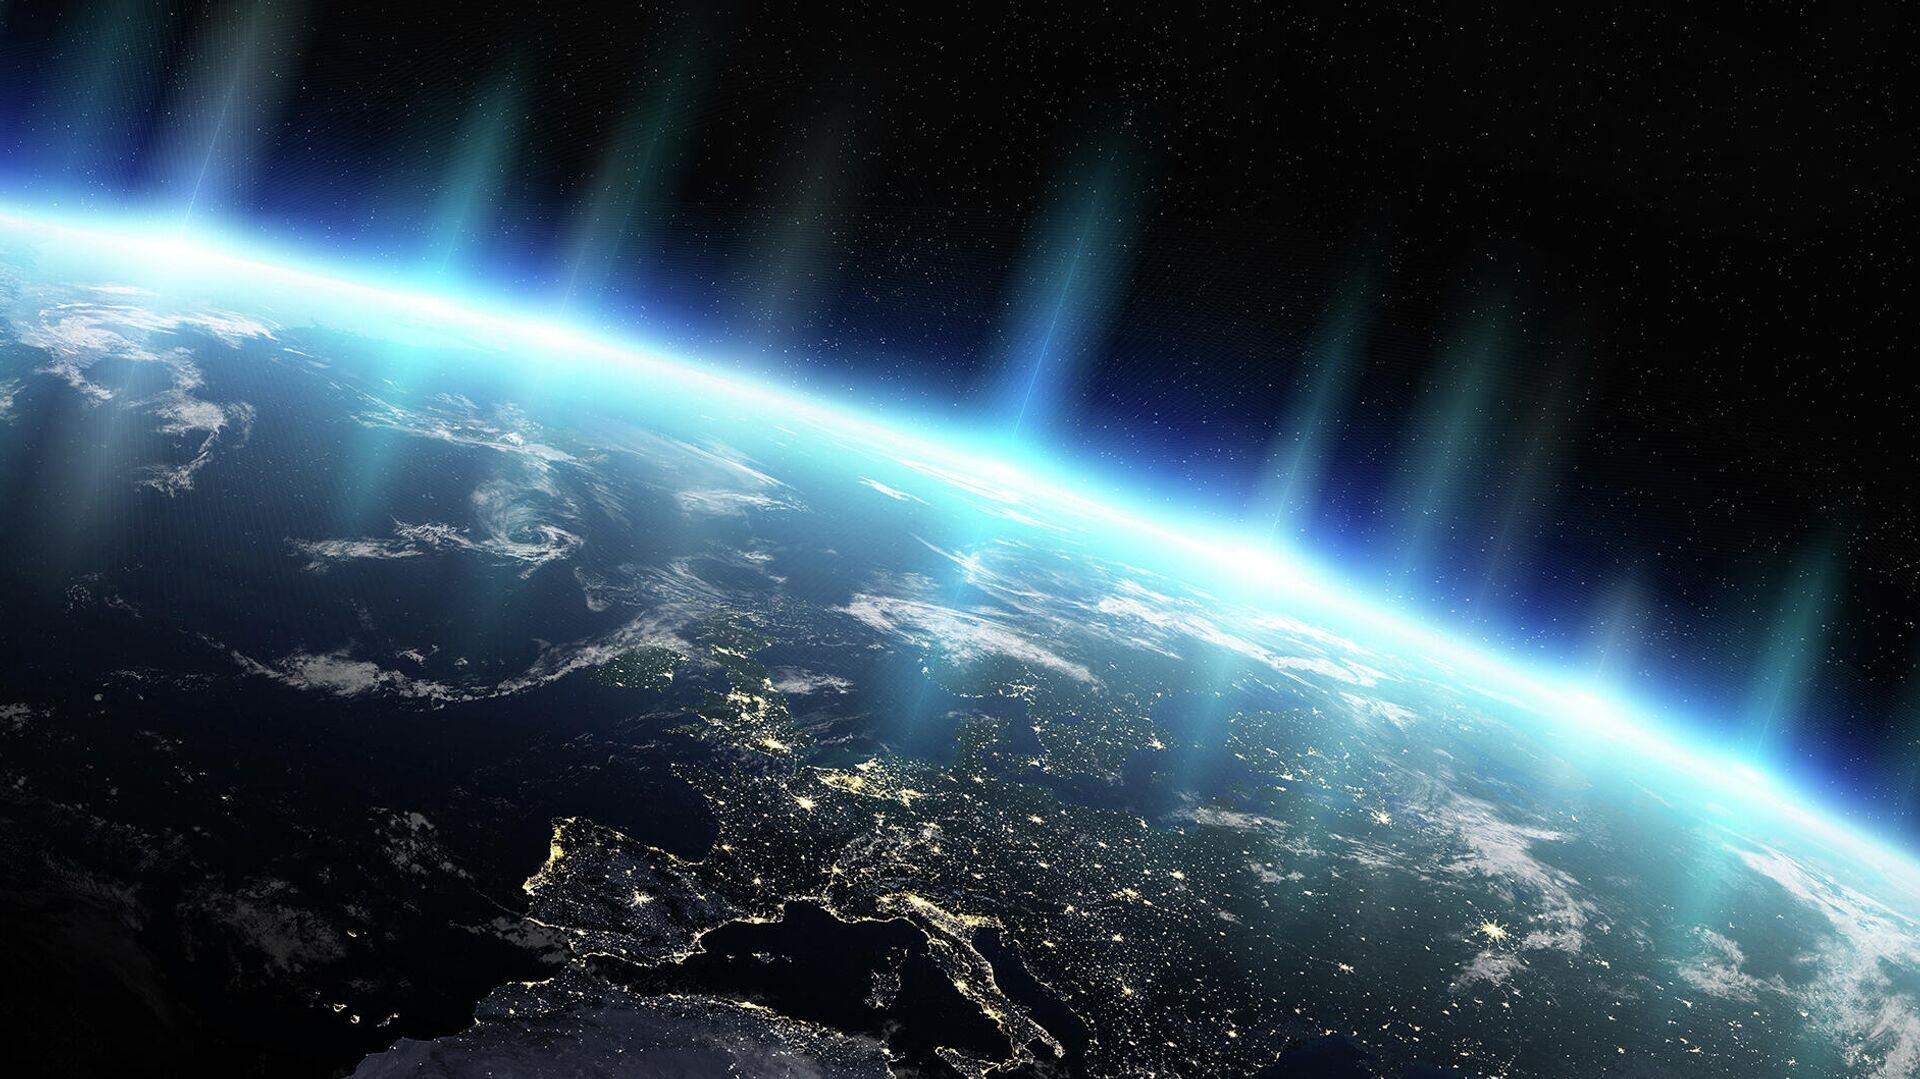 Атмосфера Земли - РИА Новости, 1920, 01.09.2020